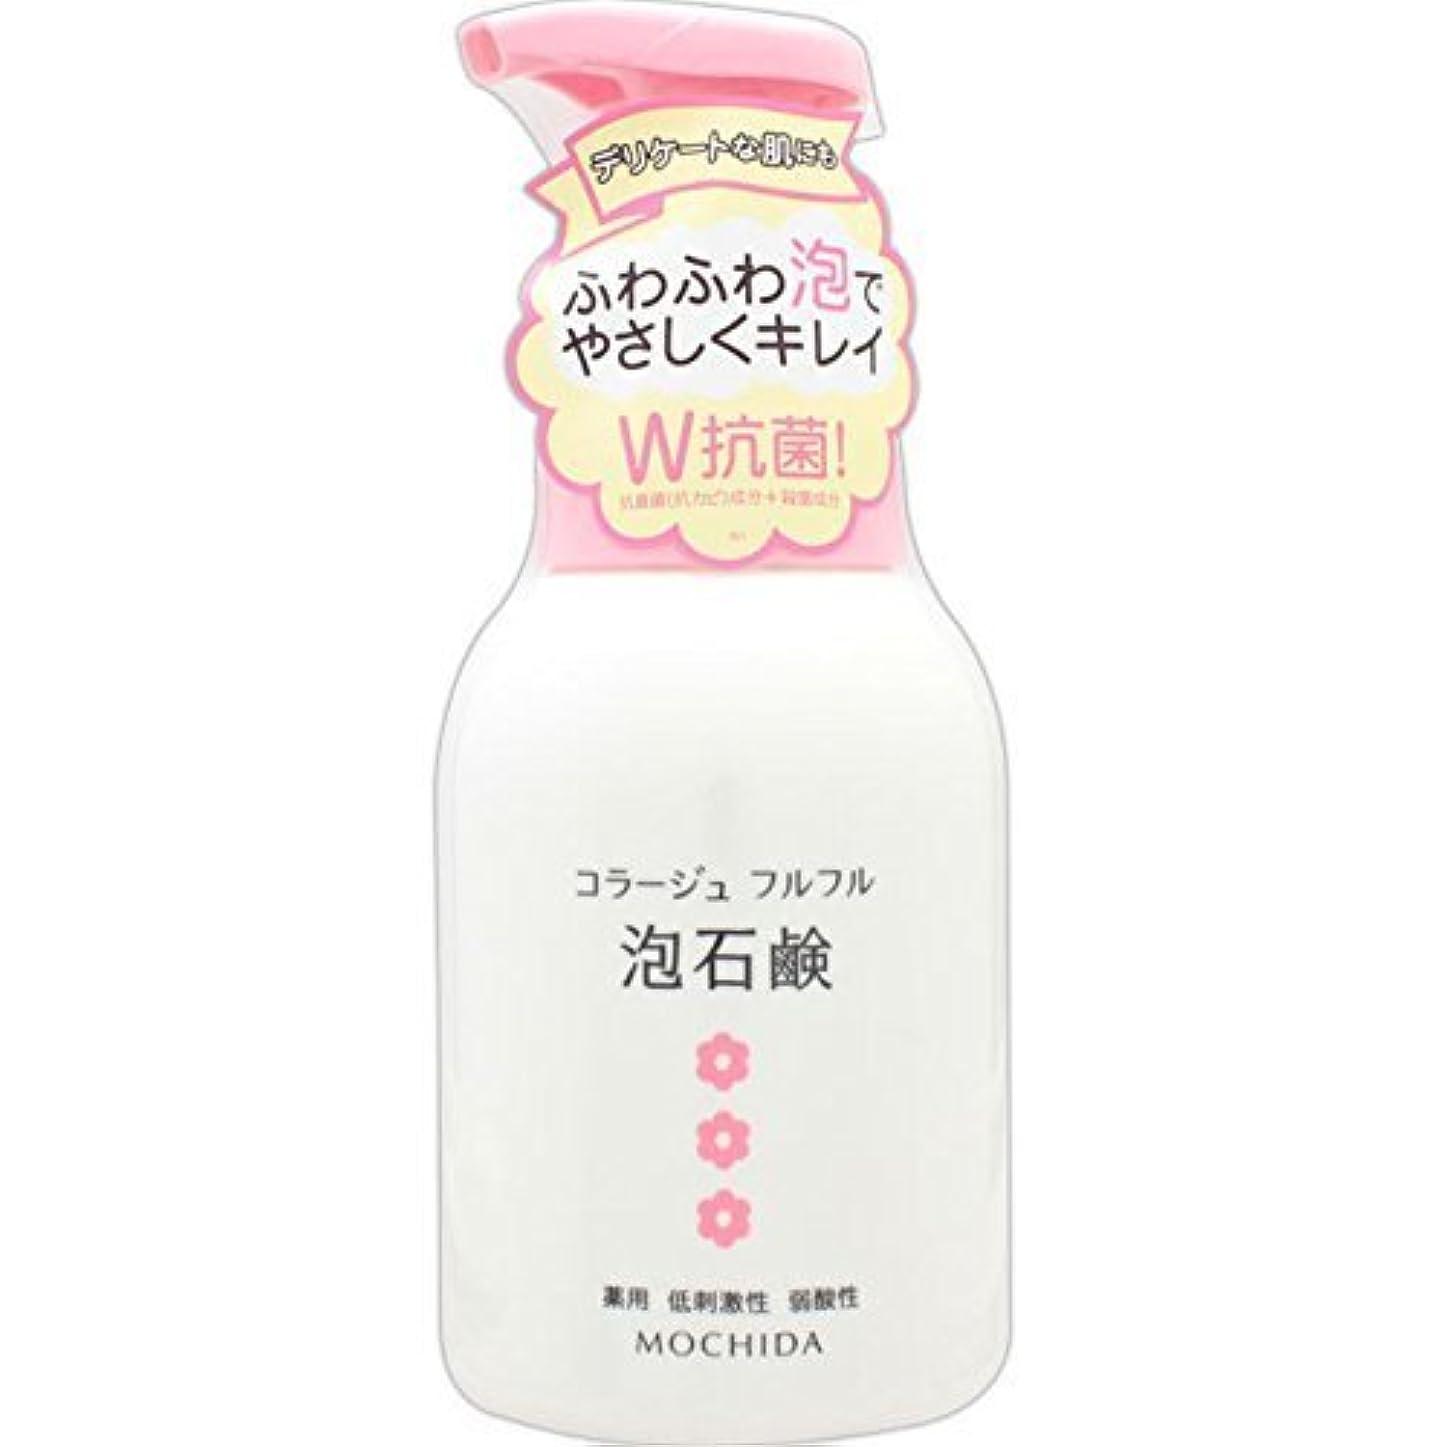 ビートお客様落ち着かないコラージュフルフル 泡石鹸 ピンク 300m L (医薬部外品) ×4